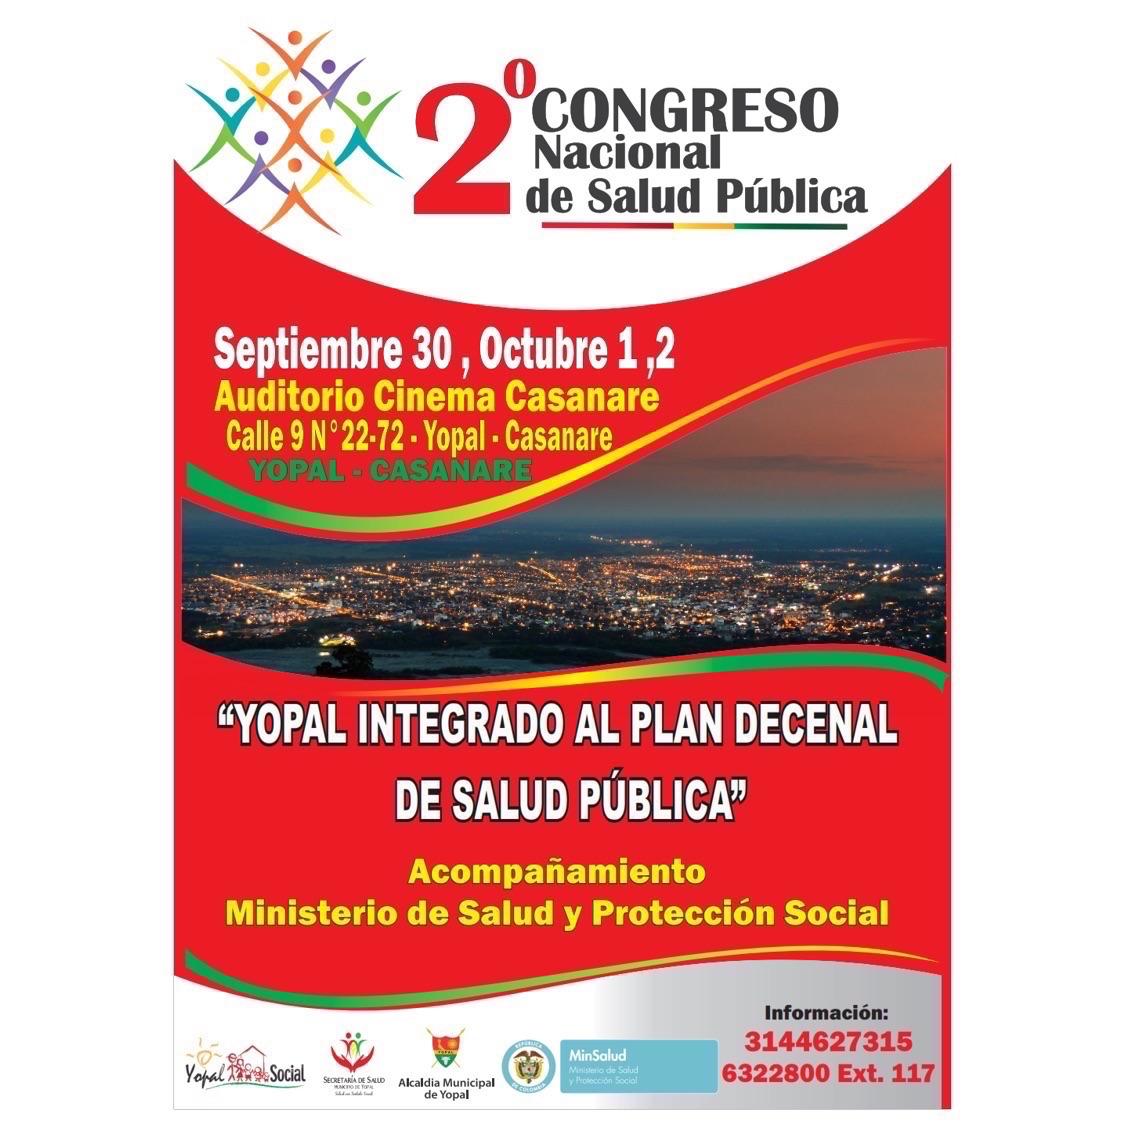 Mañana en Yopal será el Segundo Congreso Nacional de Salud Pública